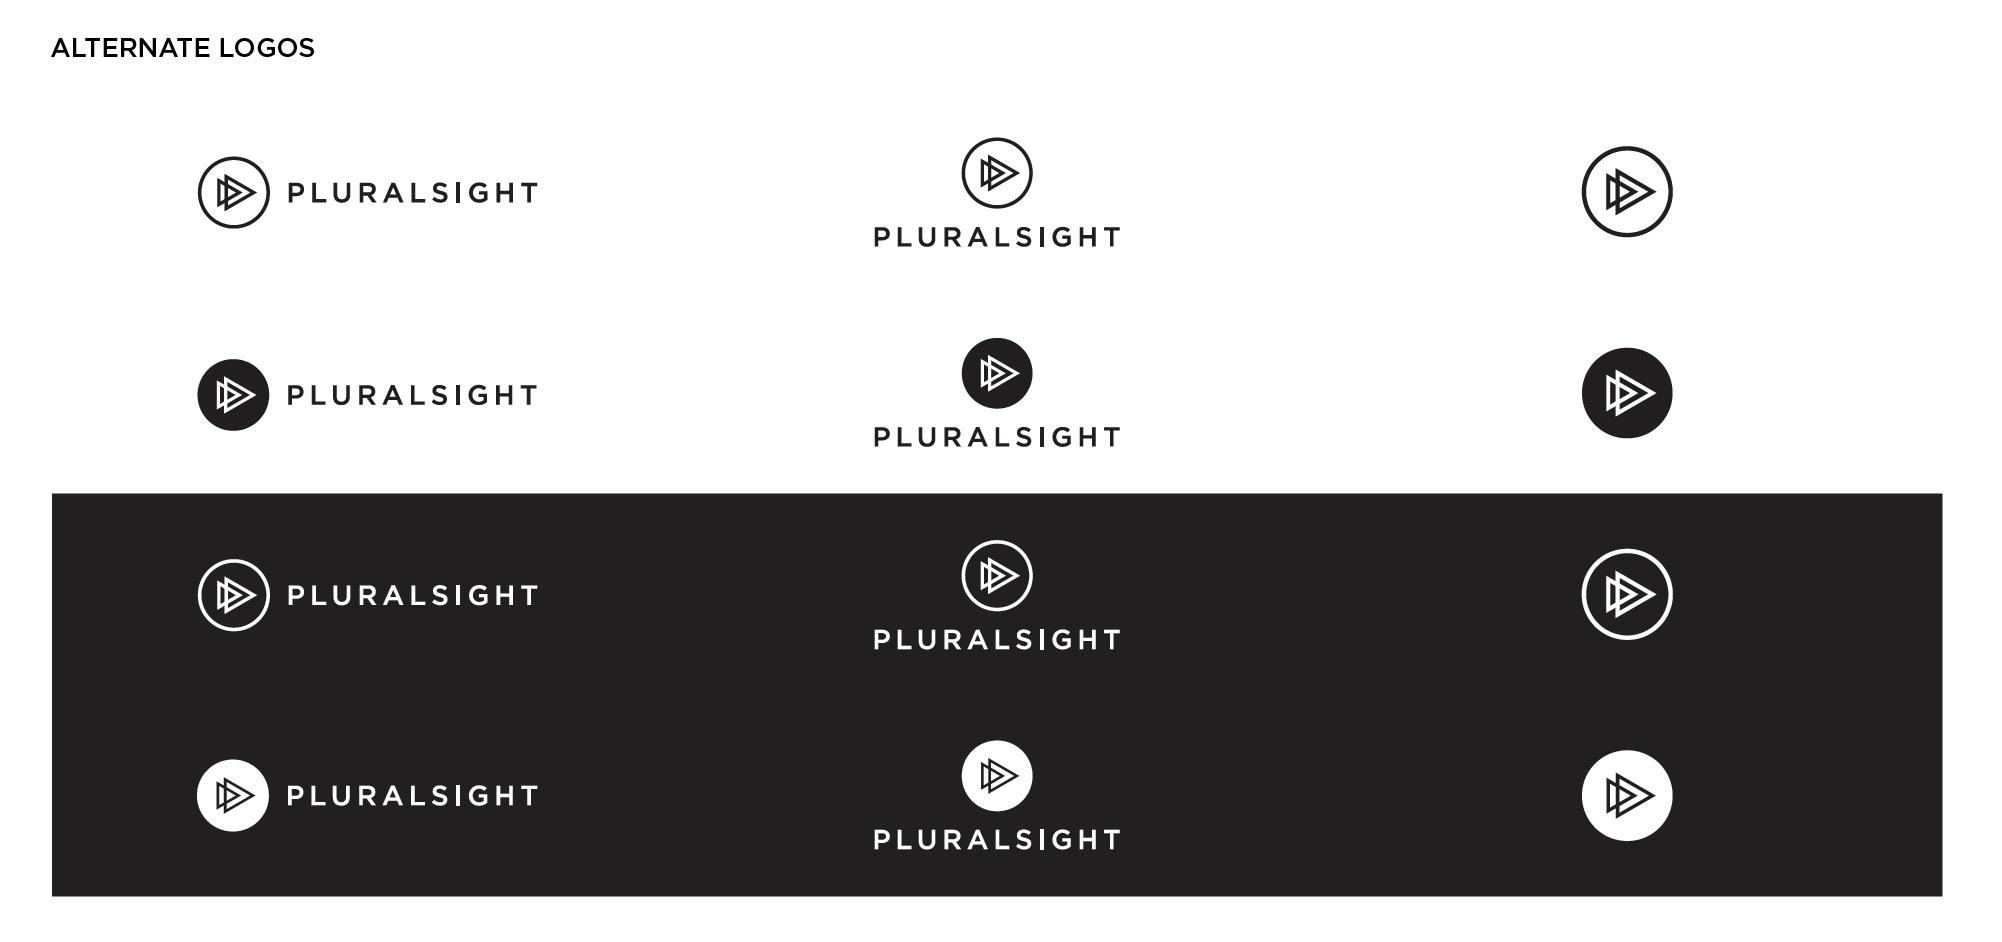 Pluralsight Alt Logos